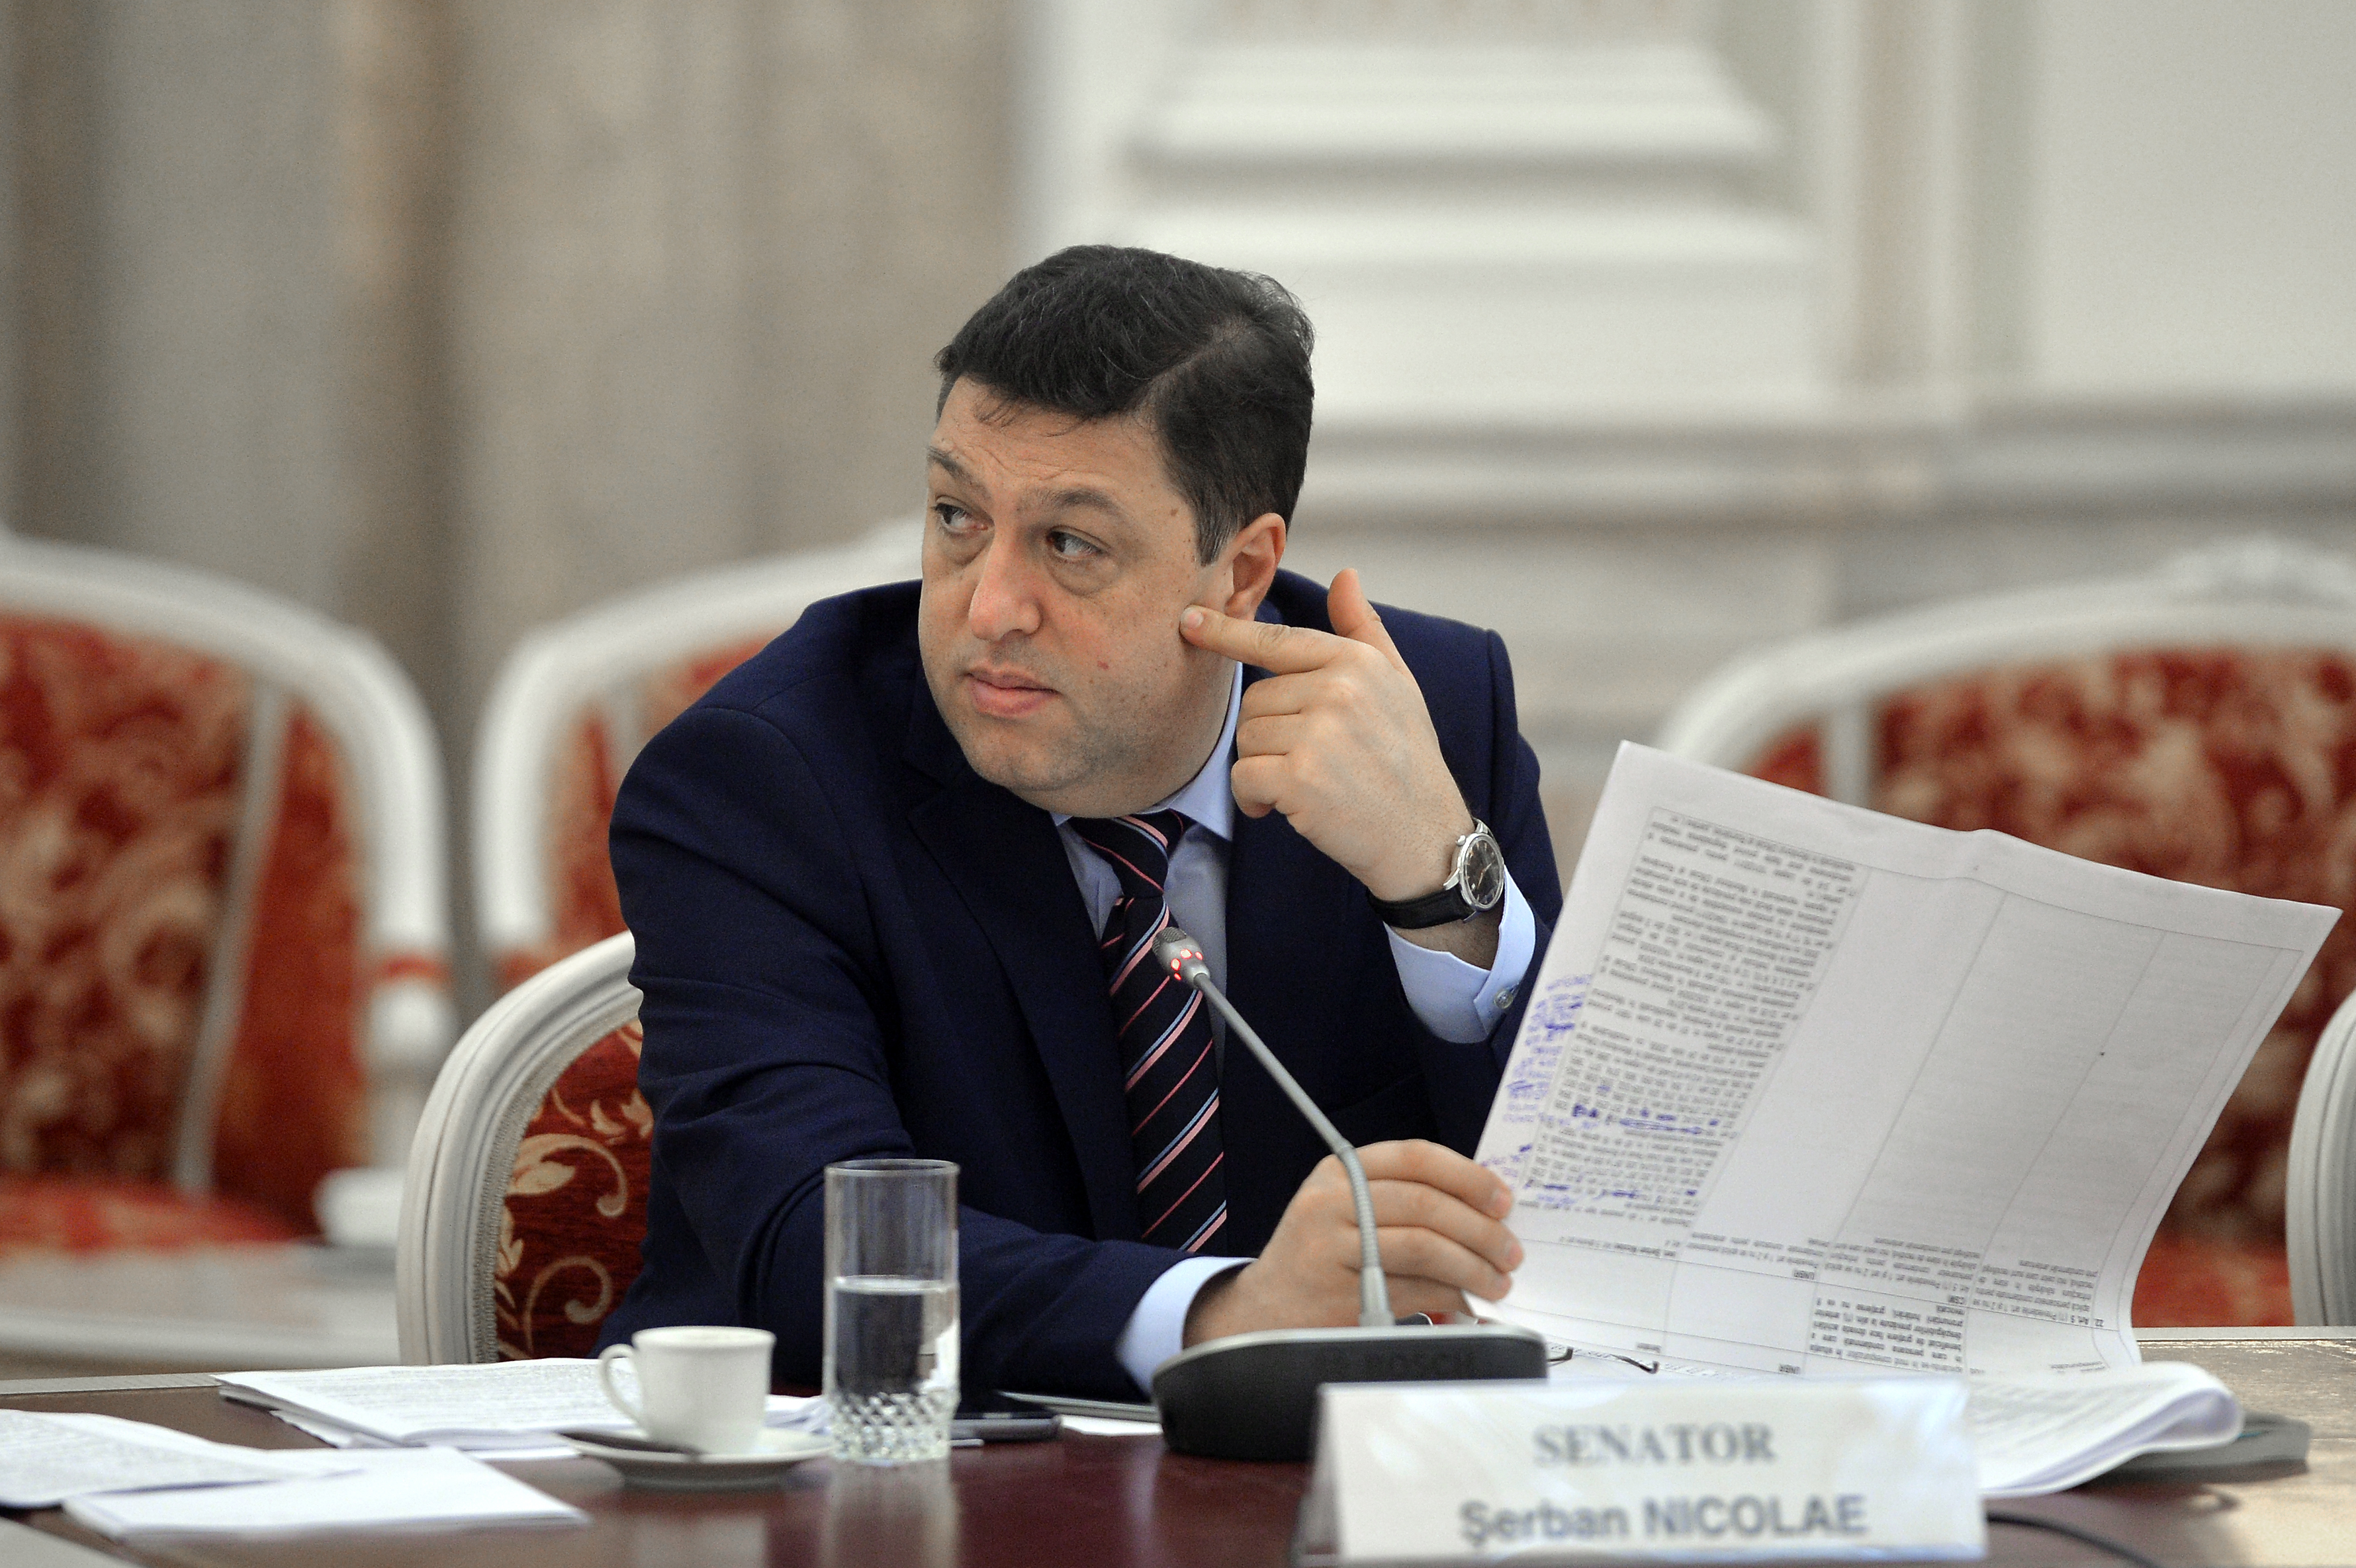 Parlamentari PSD cer schimbarea lui Kovesi de la conducerea DNA. Codrin Ştefănescu: Tudorele, fă ceva, că nu se mai poate!/ Şerban Nicolae: DNA trebuie refăcută din temelii